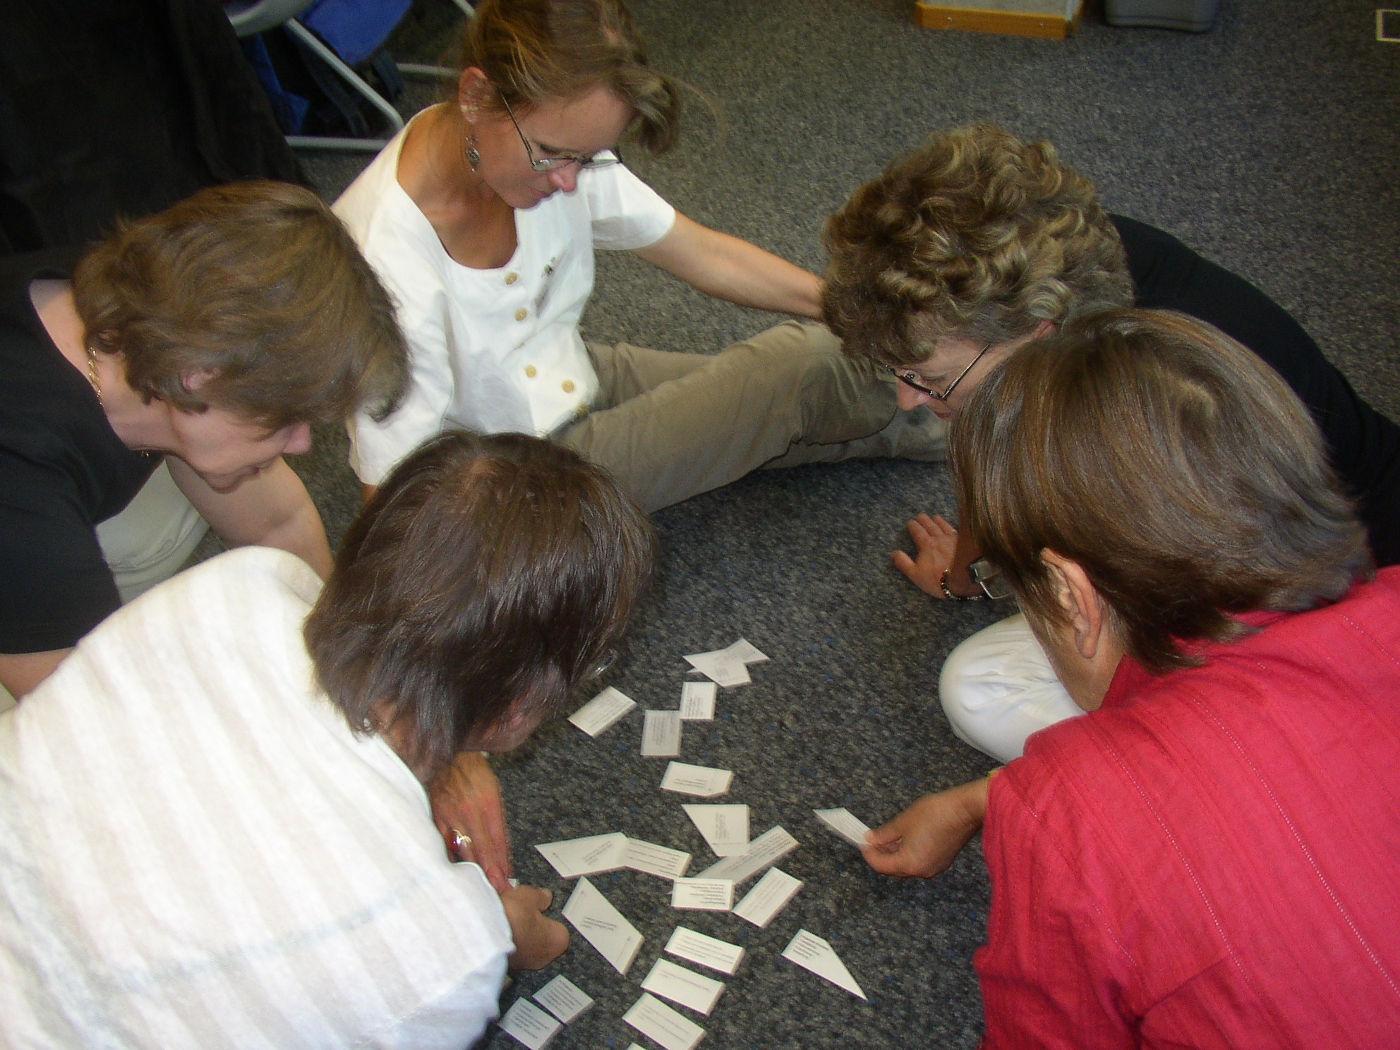 5 Frauen sitzen auf dem Boden und sortieren Kärtchen